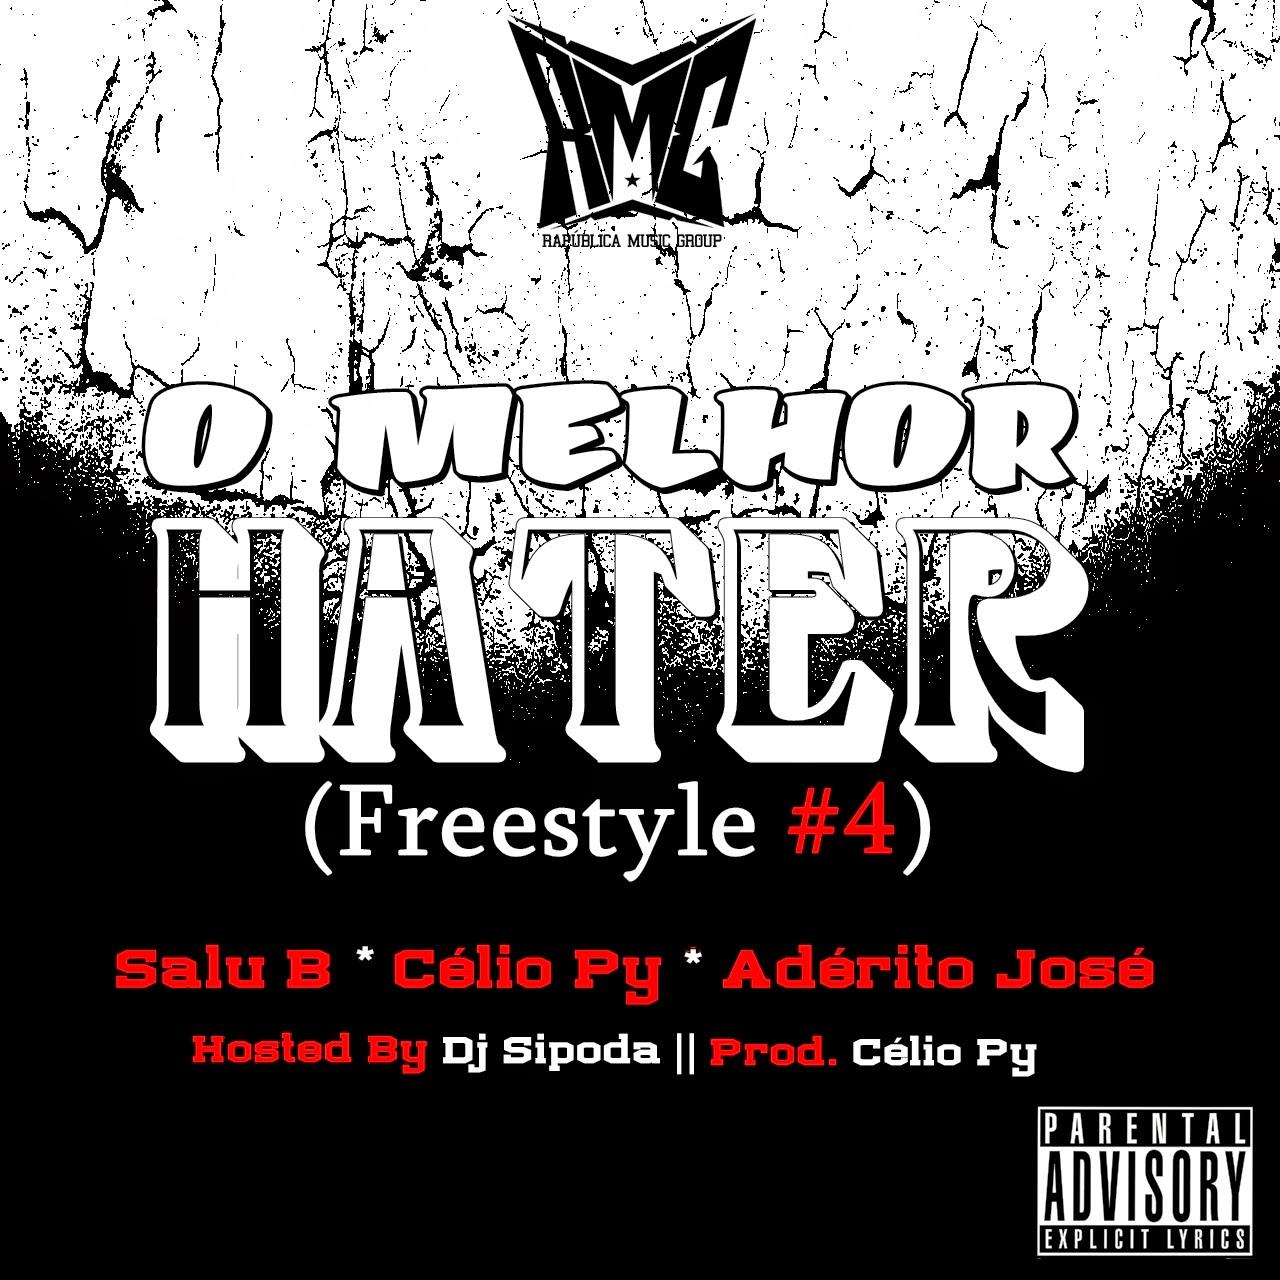 """R.M.G Apresenta - """"O Melhor Hater"""" (Freestyle #4) Com Salu B, Célio Py & Adérito José"""